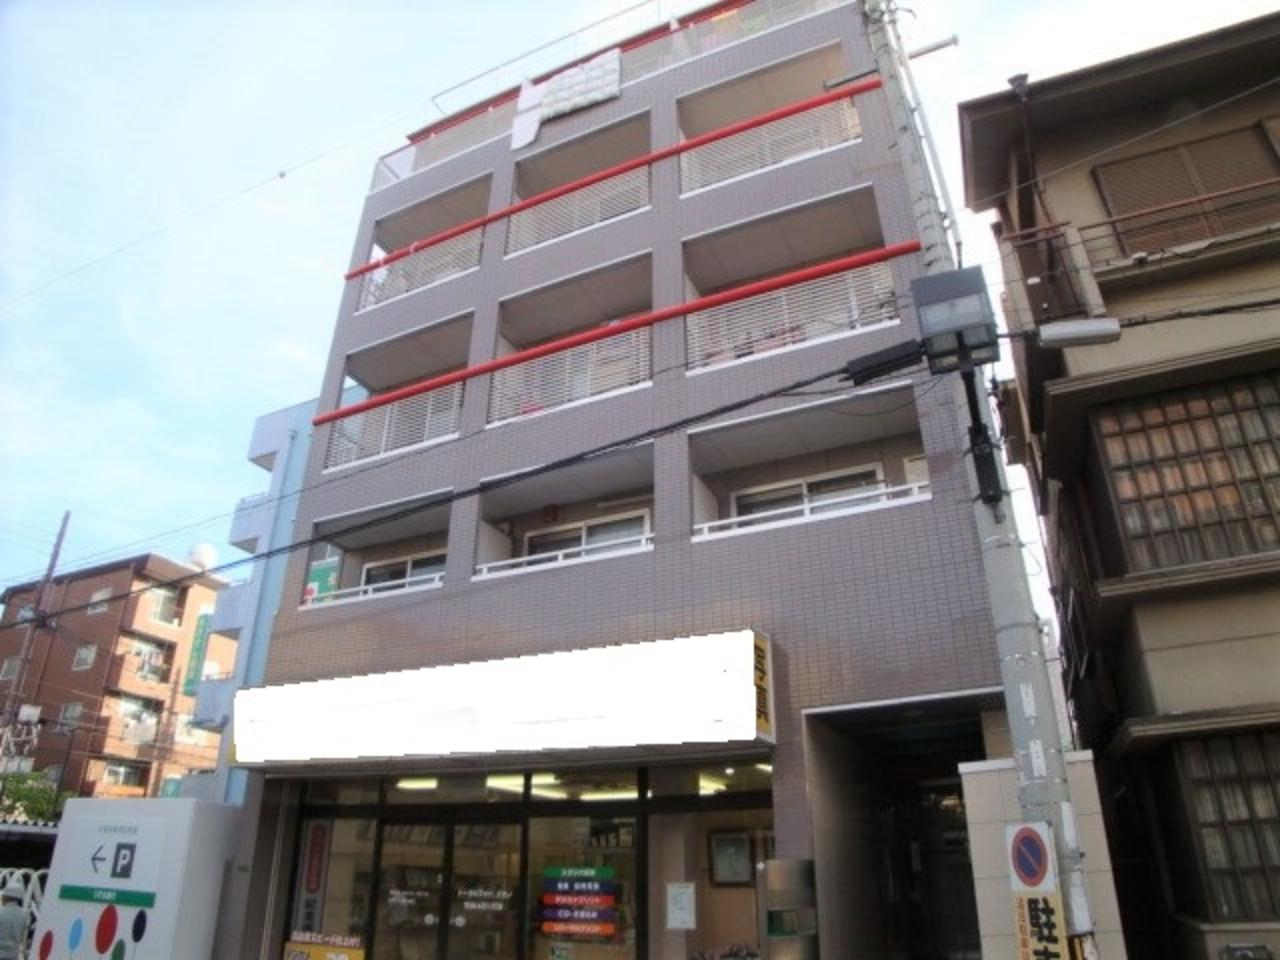 瑞光1丁目にて広ーい155㎡の貸店舗(´▽`)